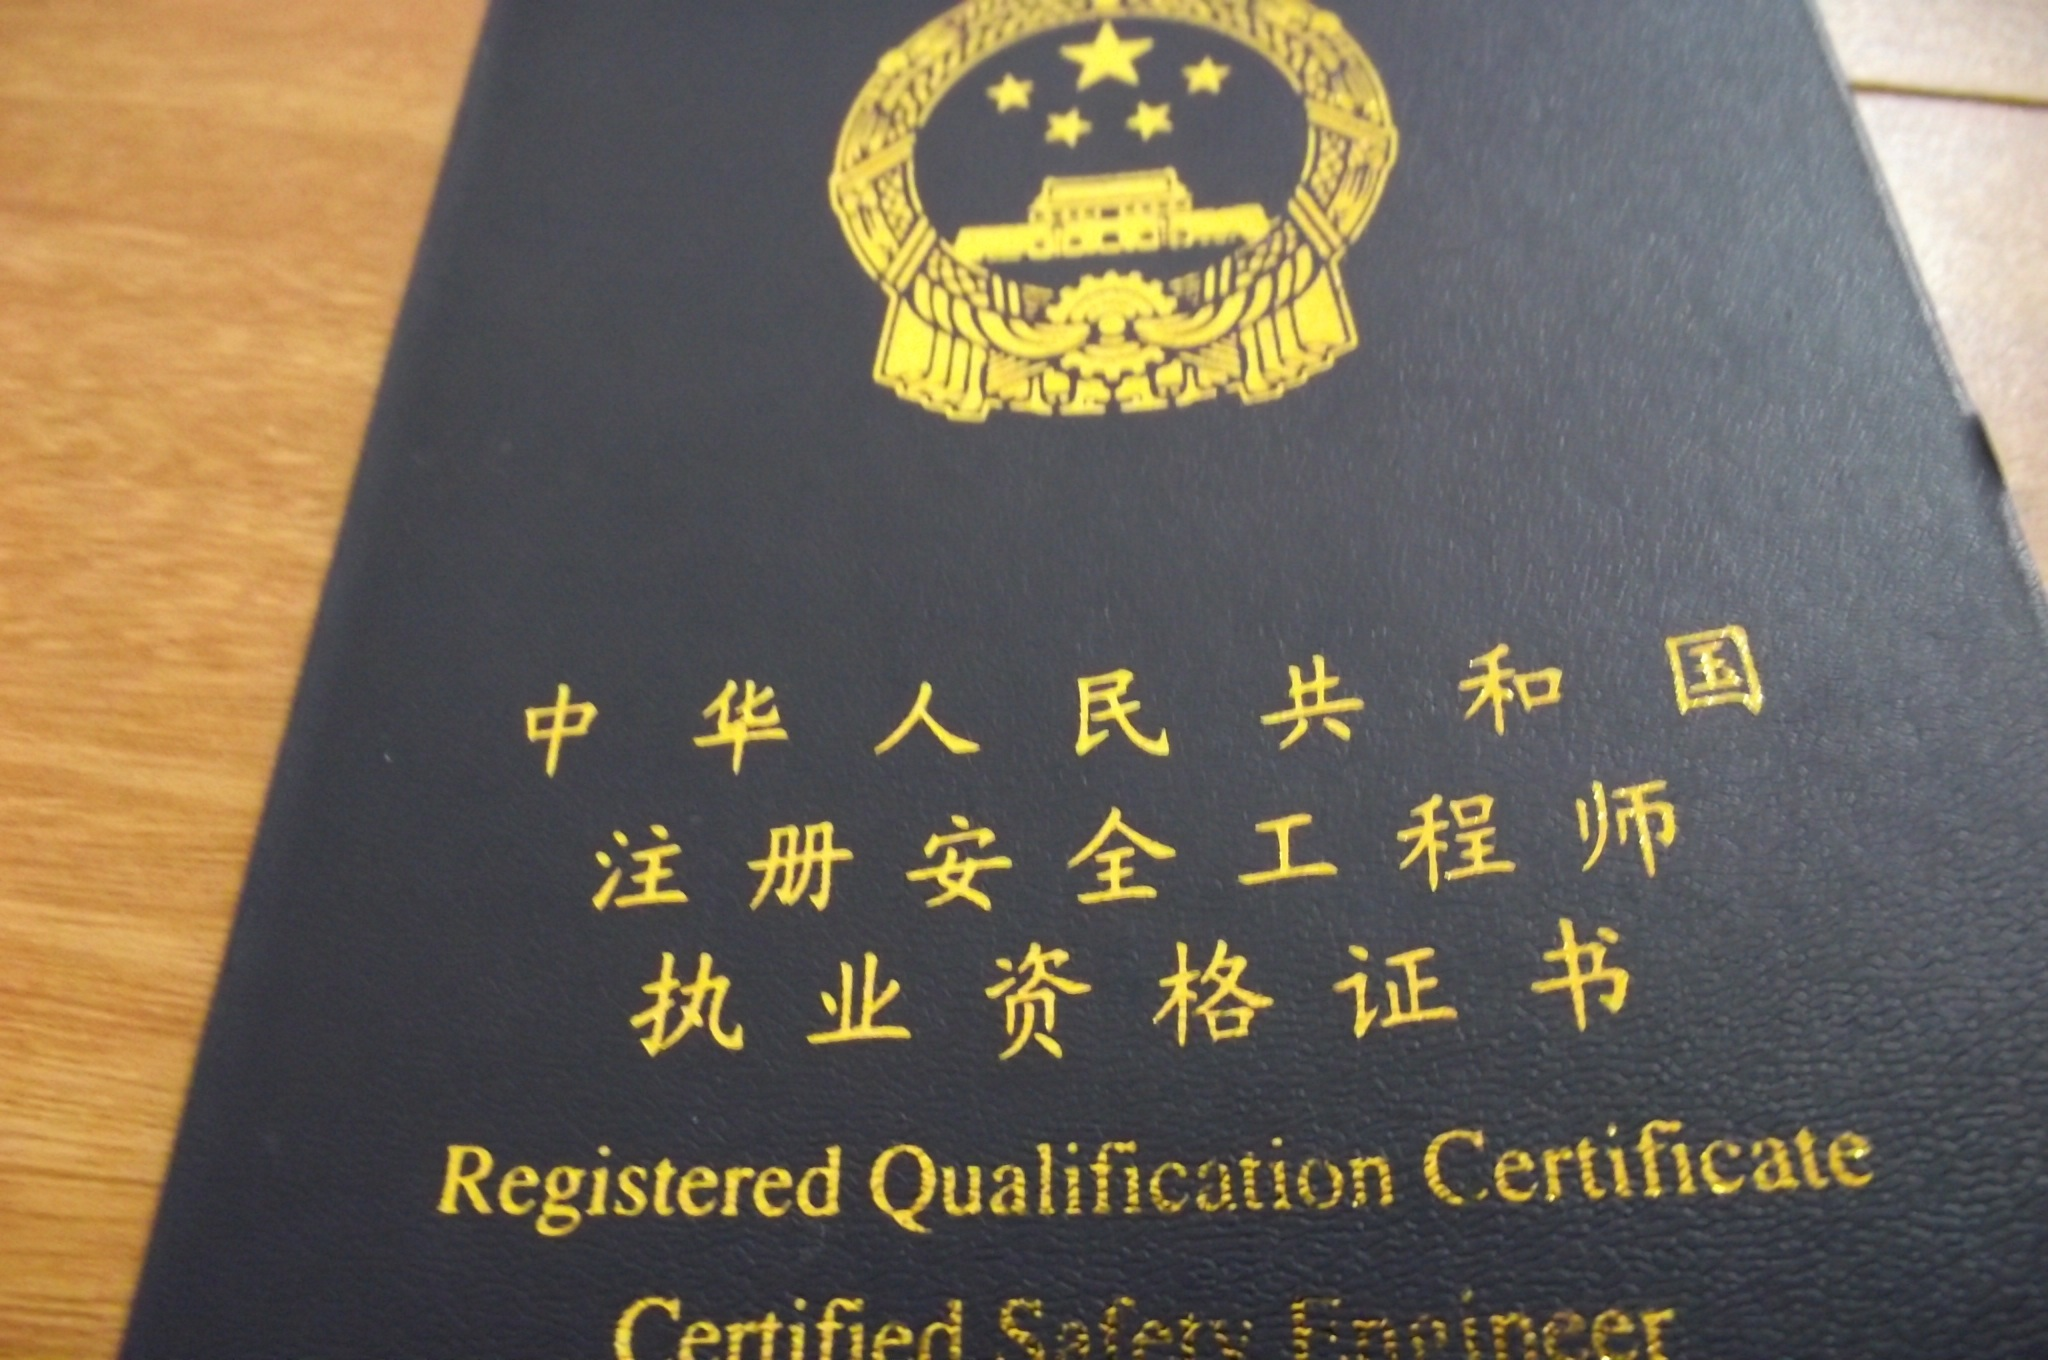 关于注册安全工程师执业资格考试的通知